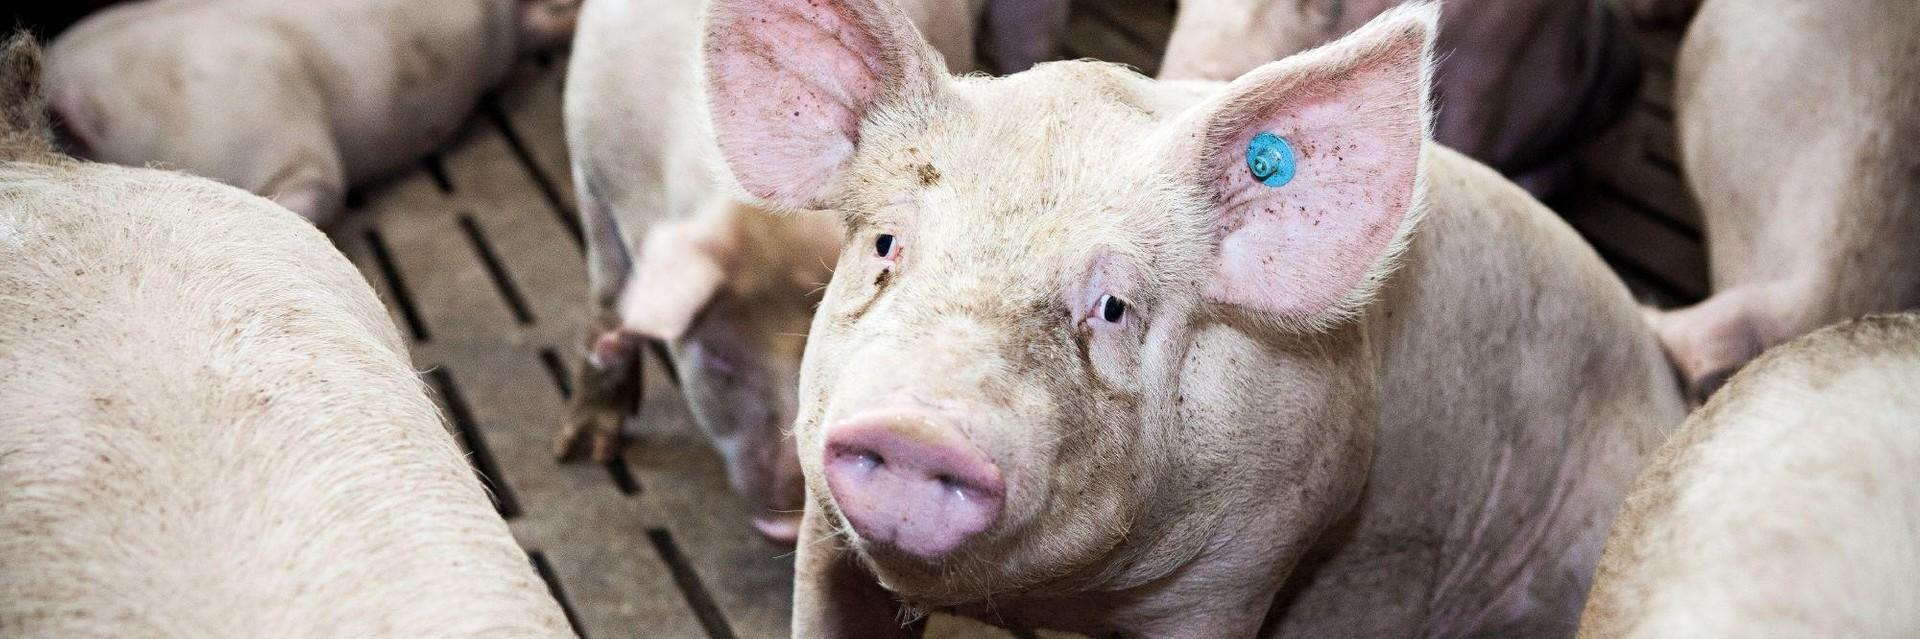 Schwein auf Vollspaltenboden in Österreich